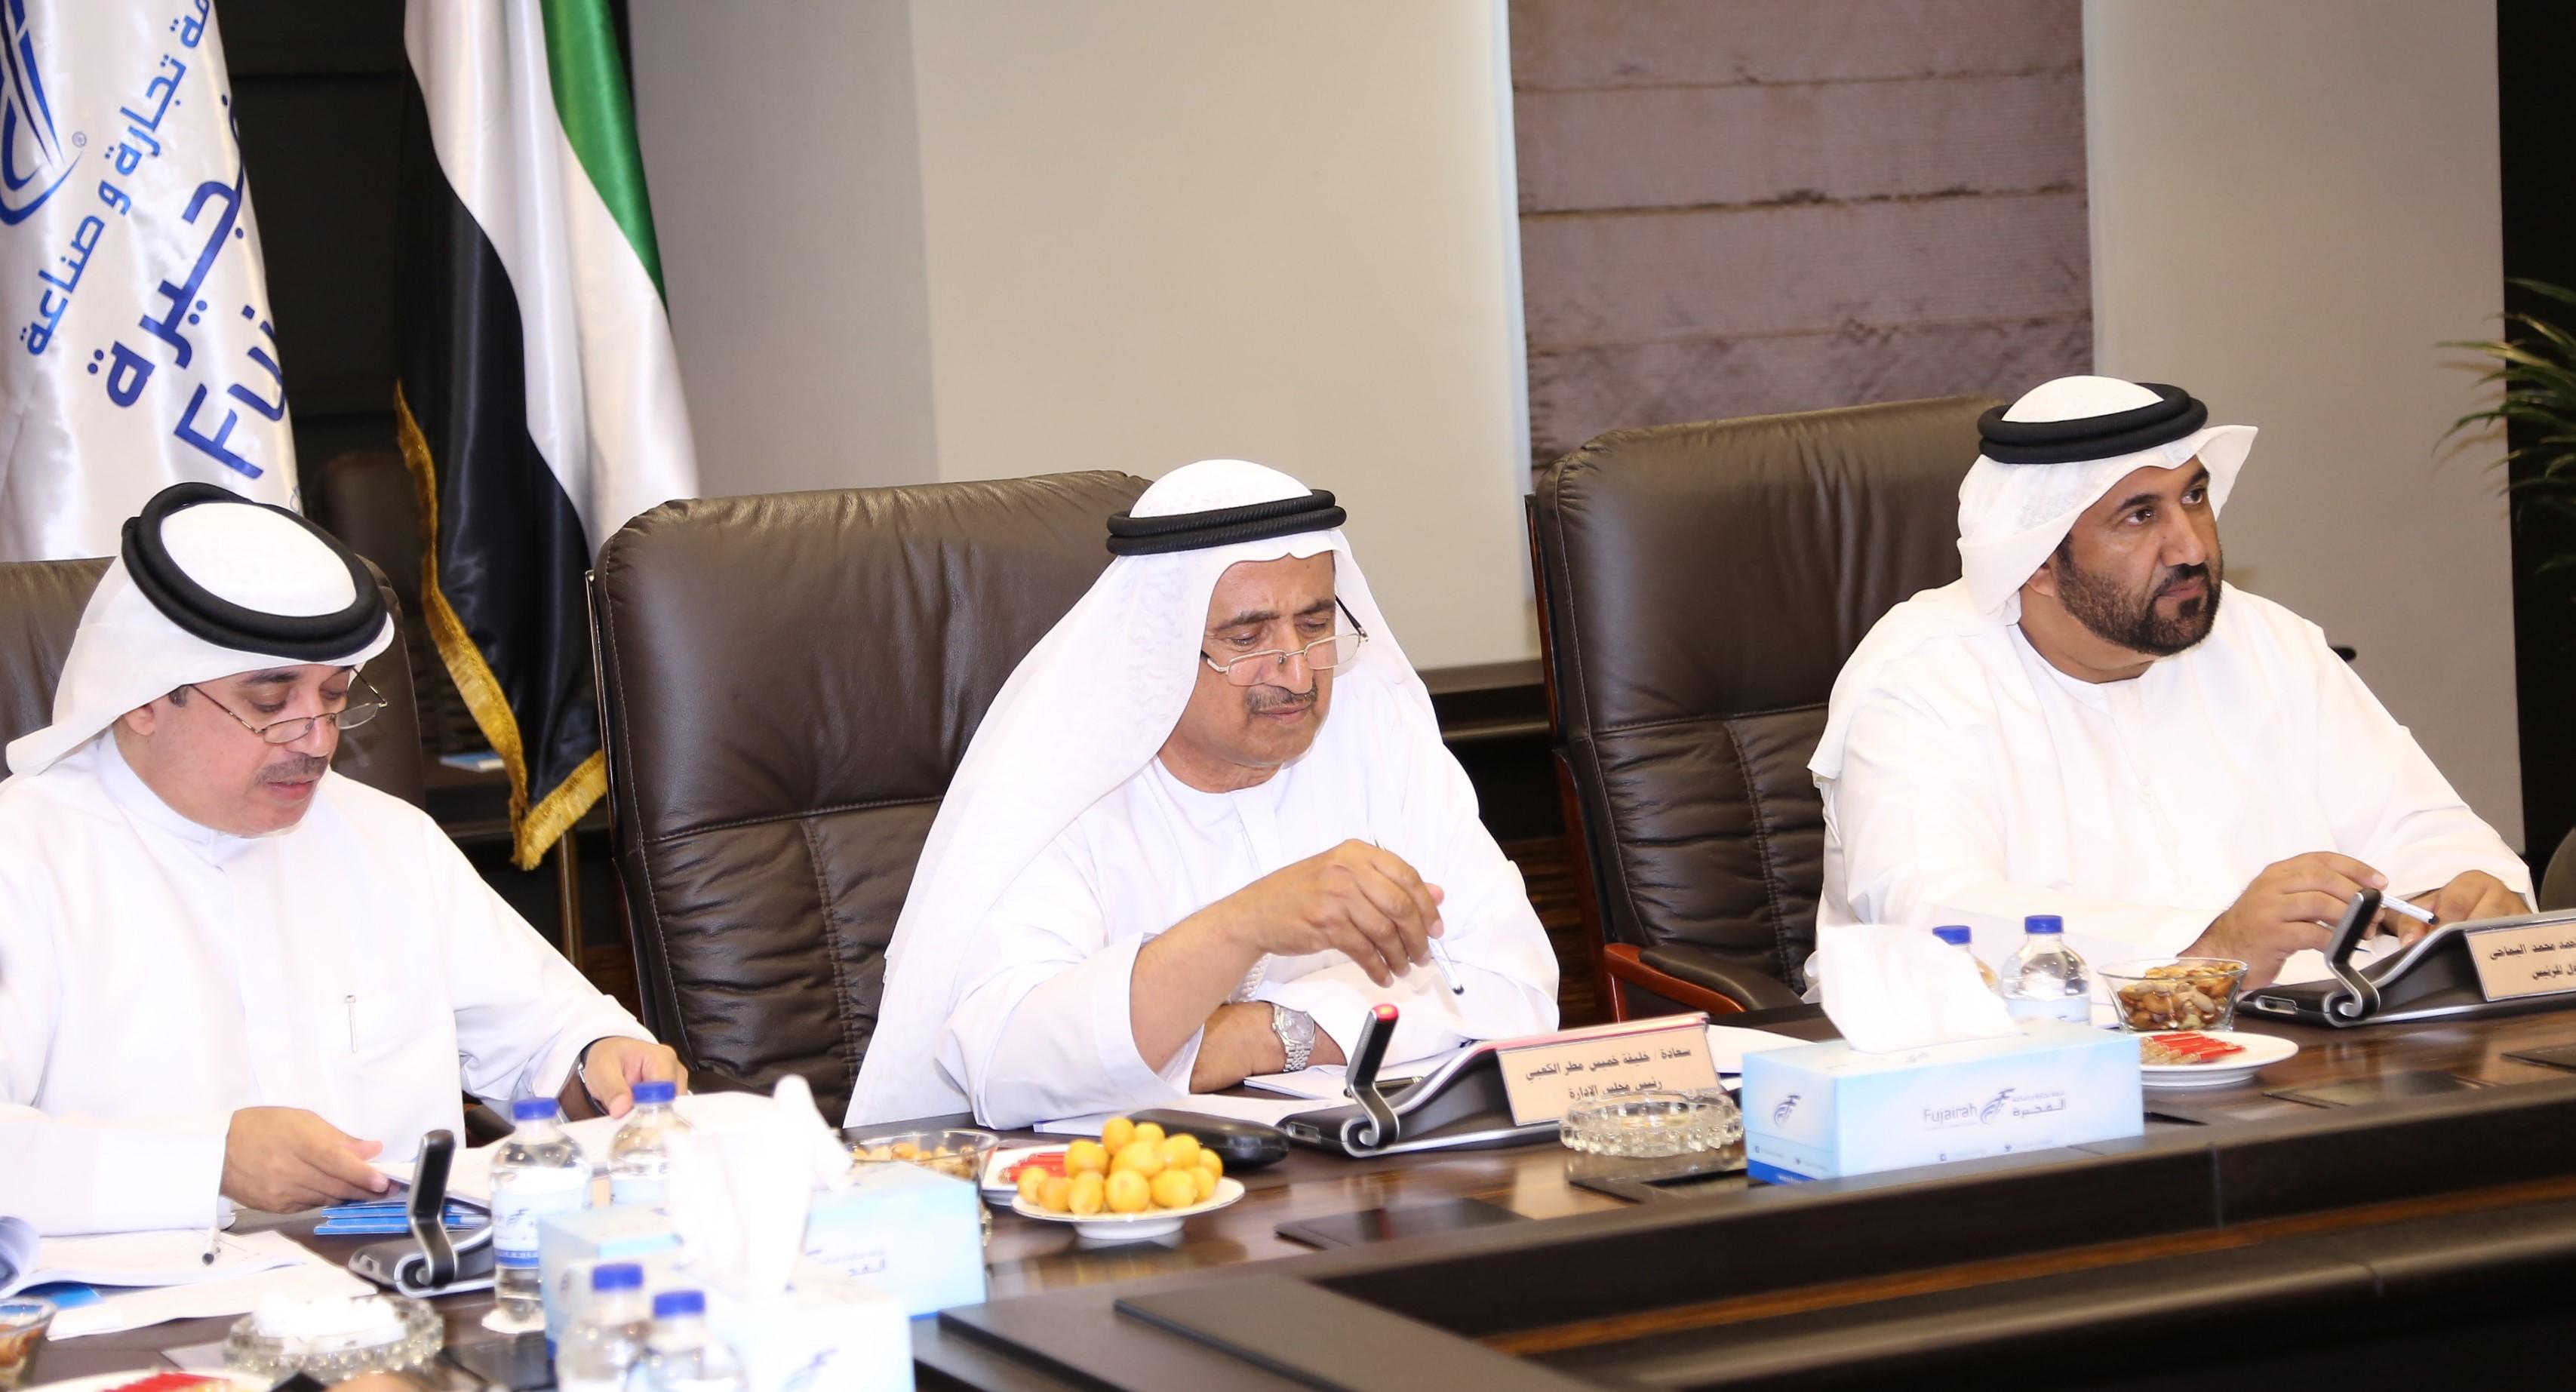 غرفة الفجيرة تعتمد تنظيم مؤتمر التطوير والاستثمار  العقاري والصناعي